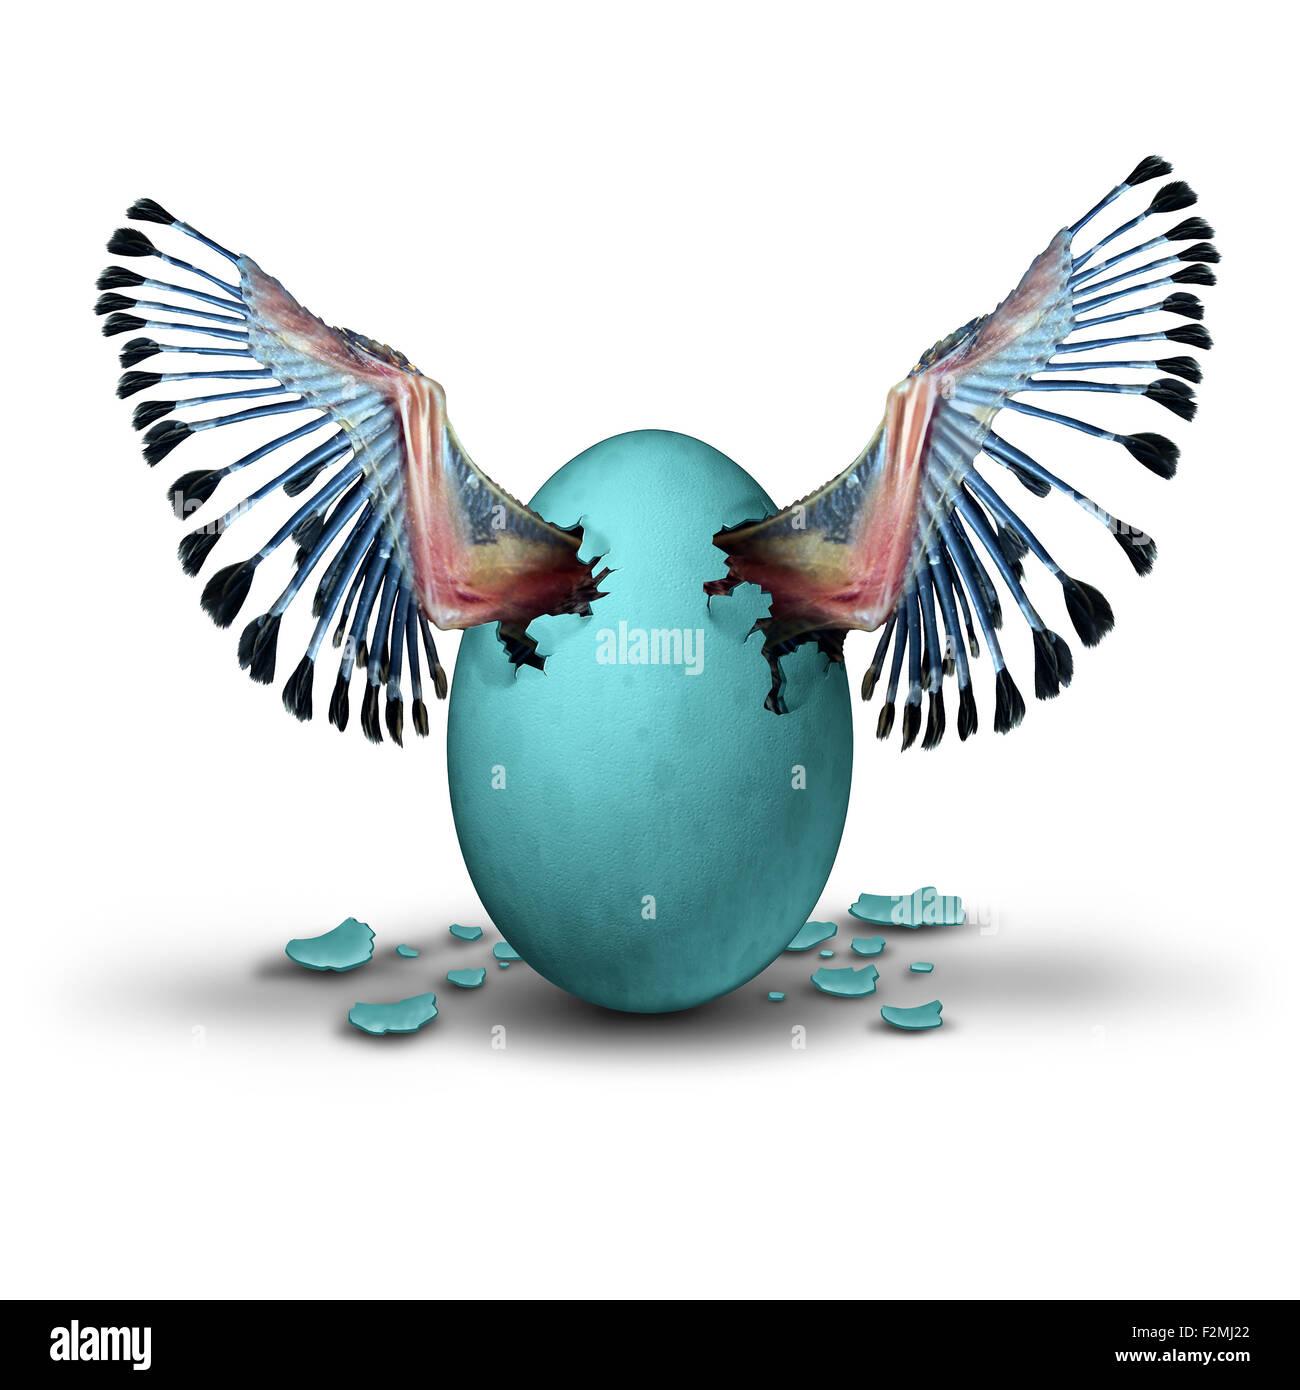 Prematuro avviare concetto e impaziente di ambizione metafora aziendale come il giovane ali di un bambino uccello Immagini Stock